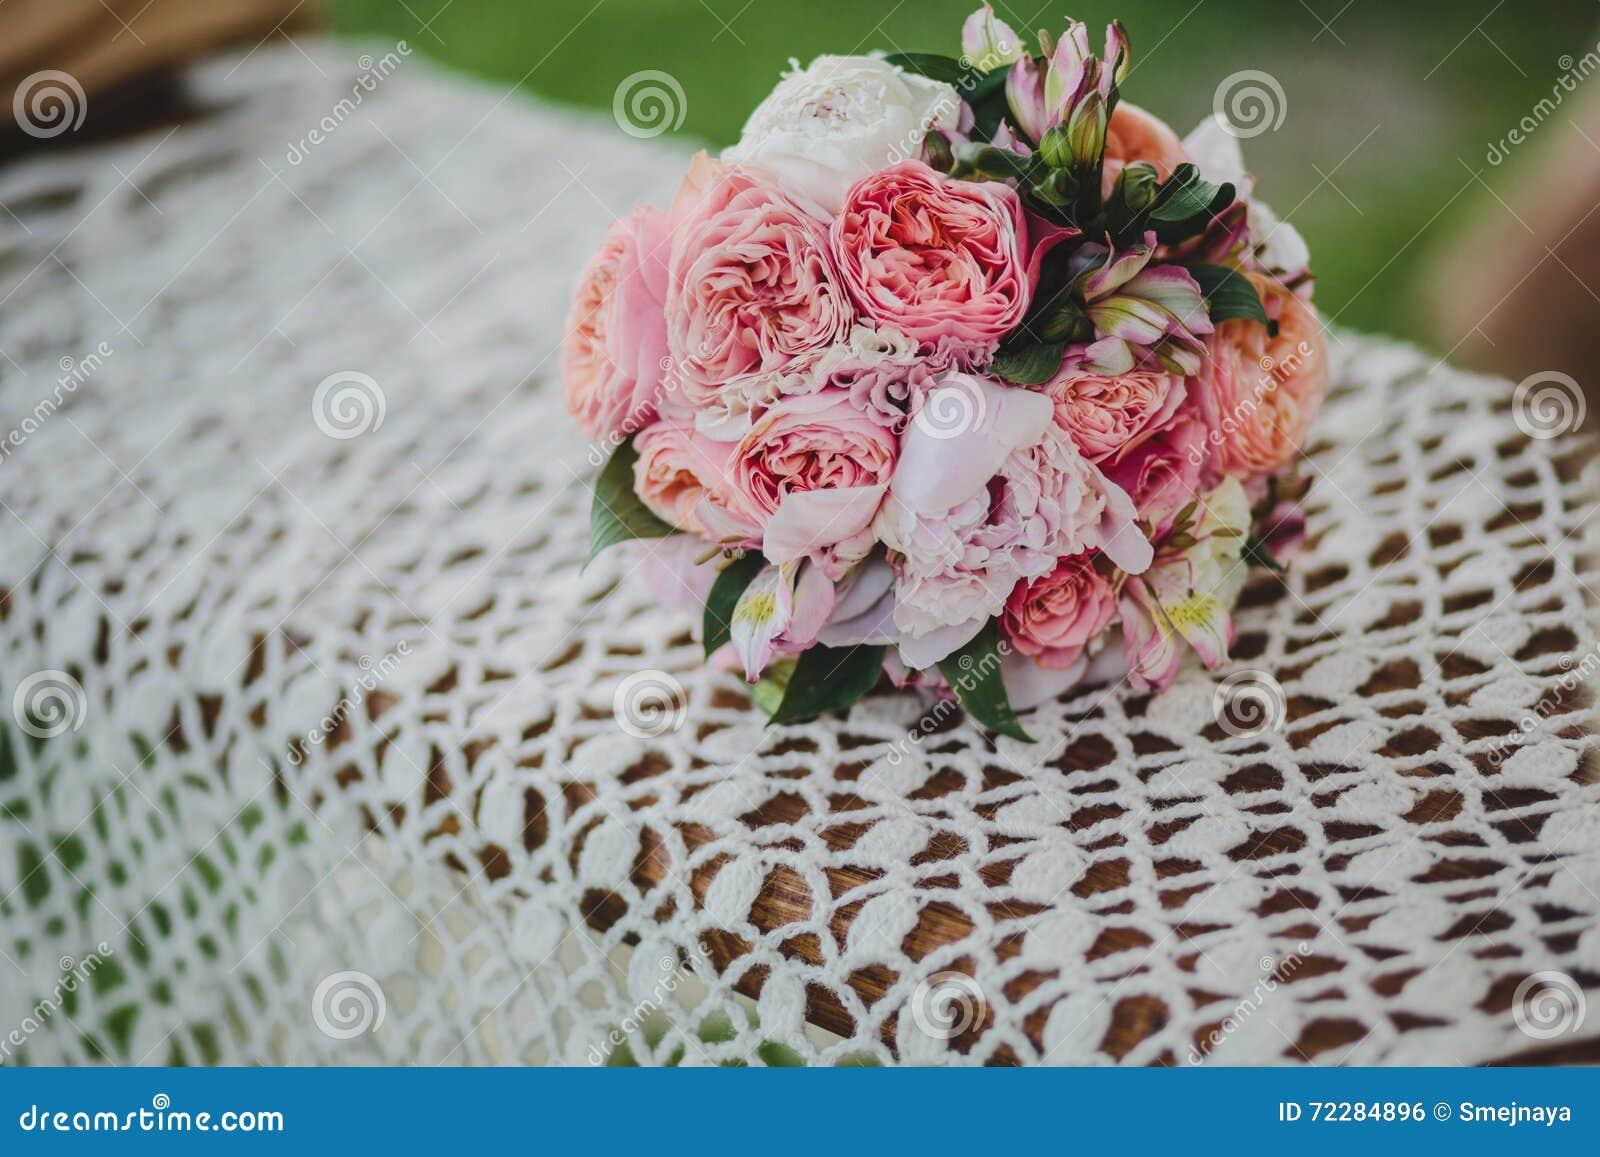 Download Чувствительный Bridal букет роз Стоковое Фото - изображение насчитывающей захват, brickmason: 72284896